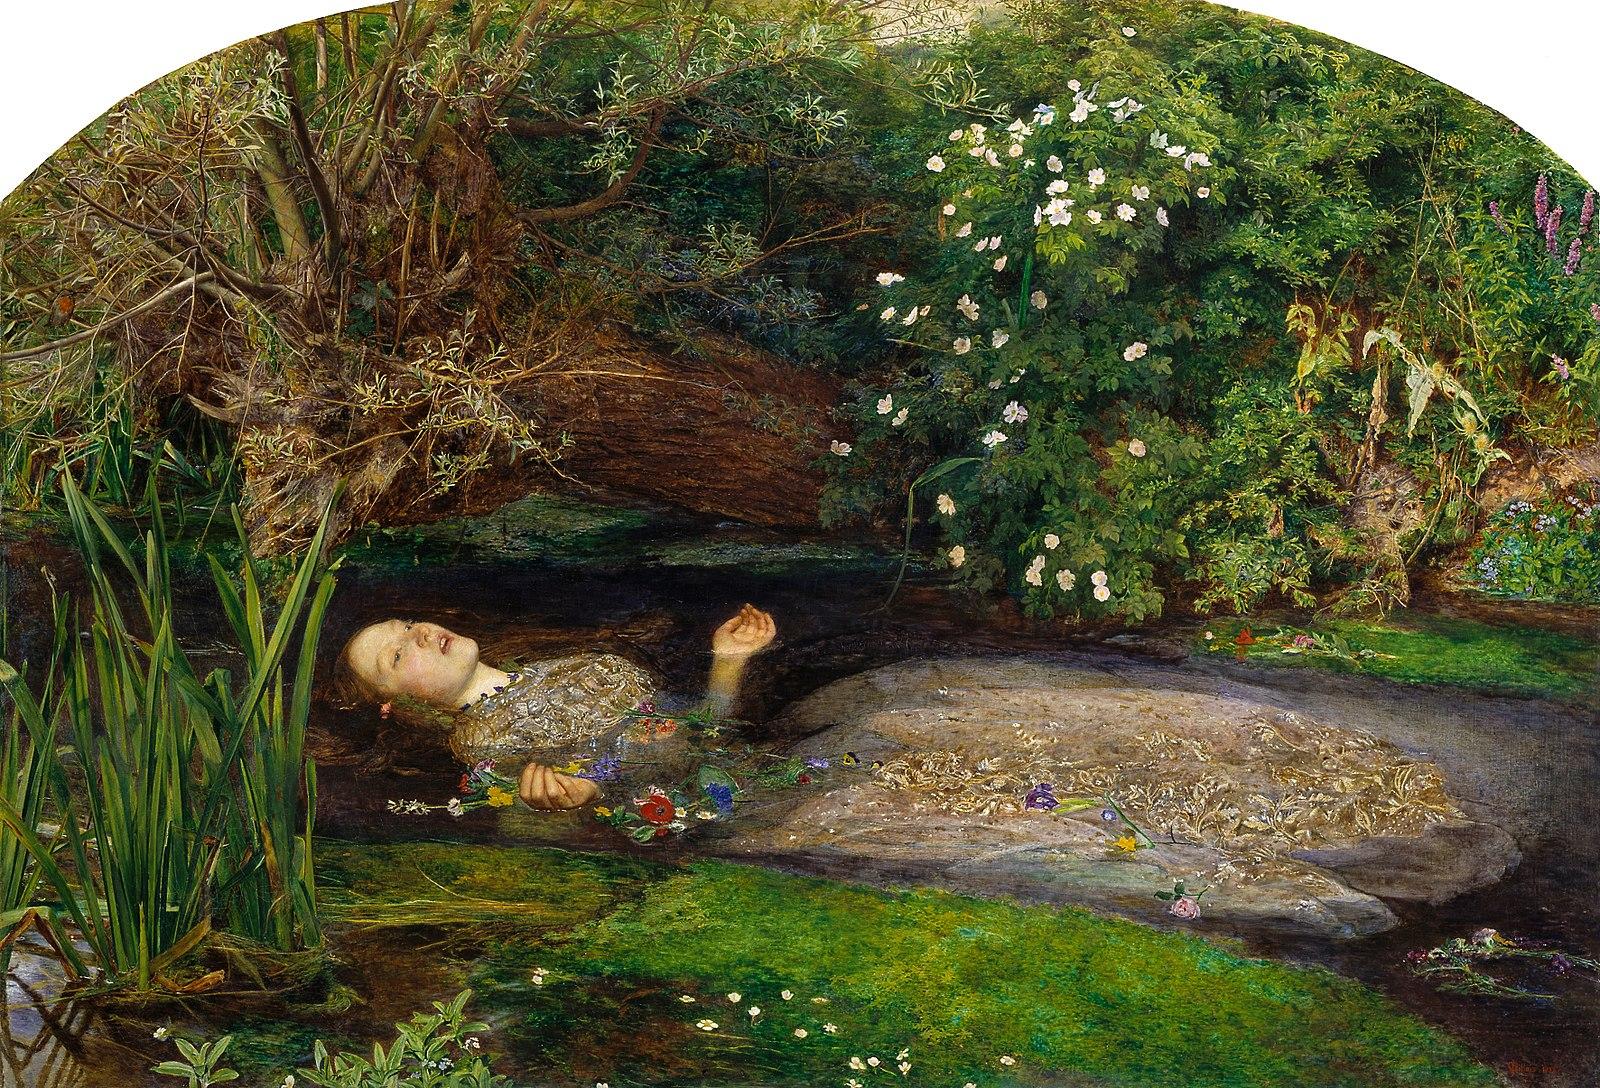 """约翰·艾佛雷特·米莱的名作《奥菲利娅》,描绘《哈姆雷特》里奥菲利娅溺死的场景。""""毛茛、荨麻、雏菊和长颈兰""""是奥菲利娅手中花环的材料。 维基百科 图"""